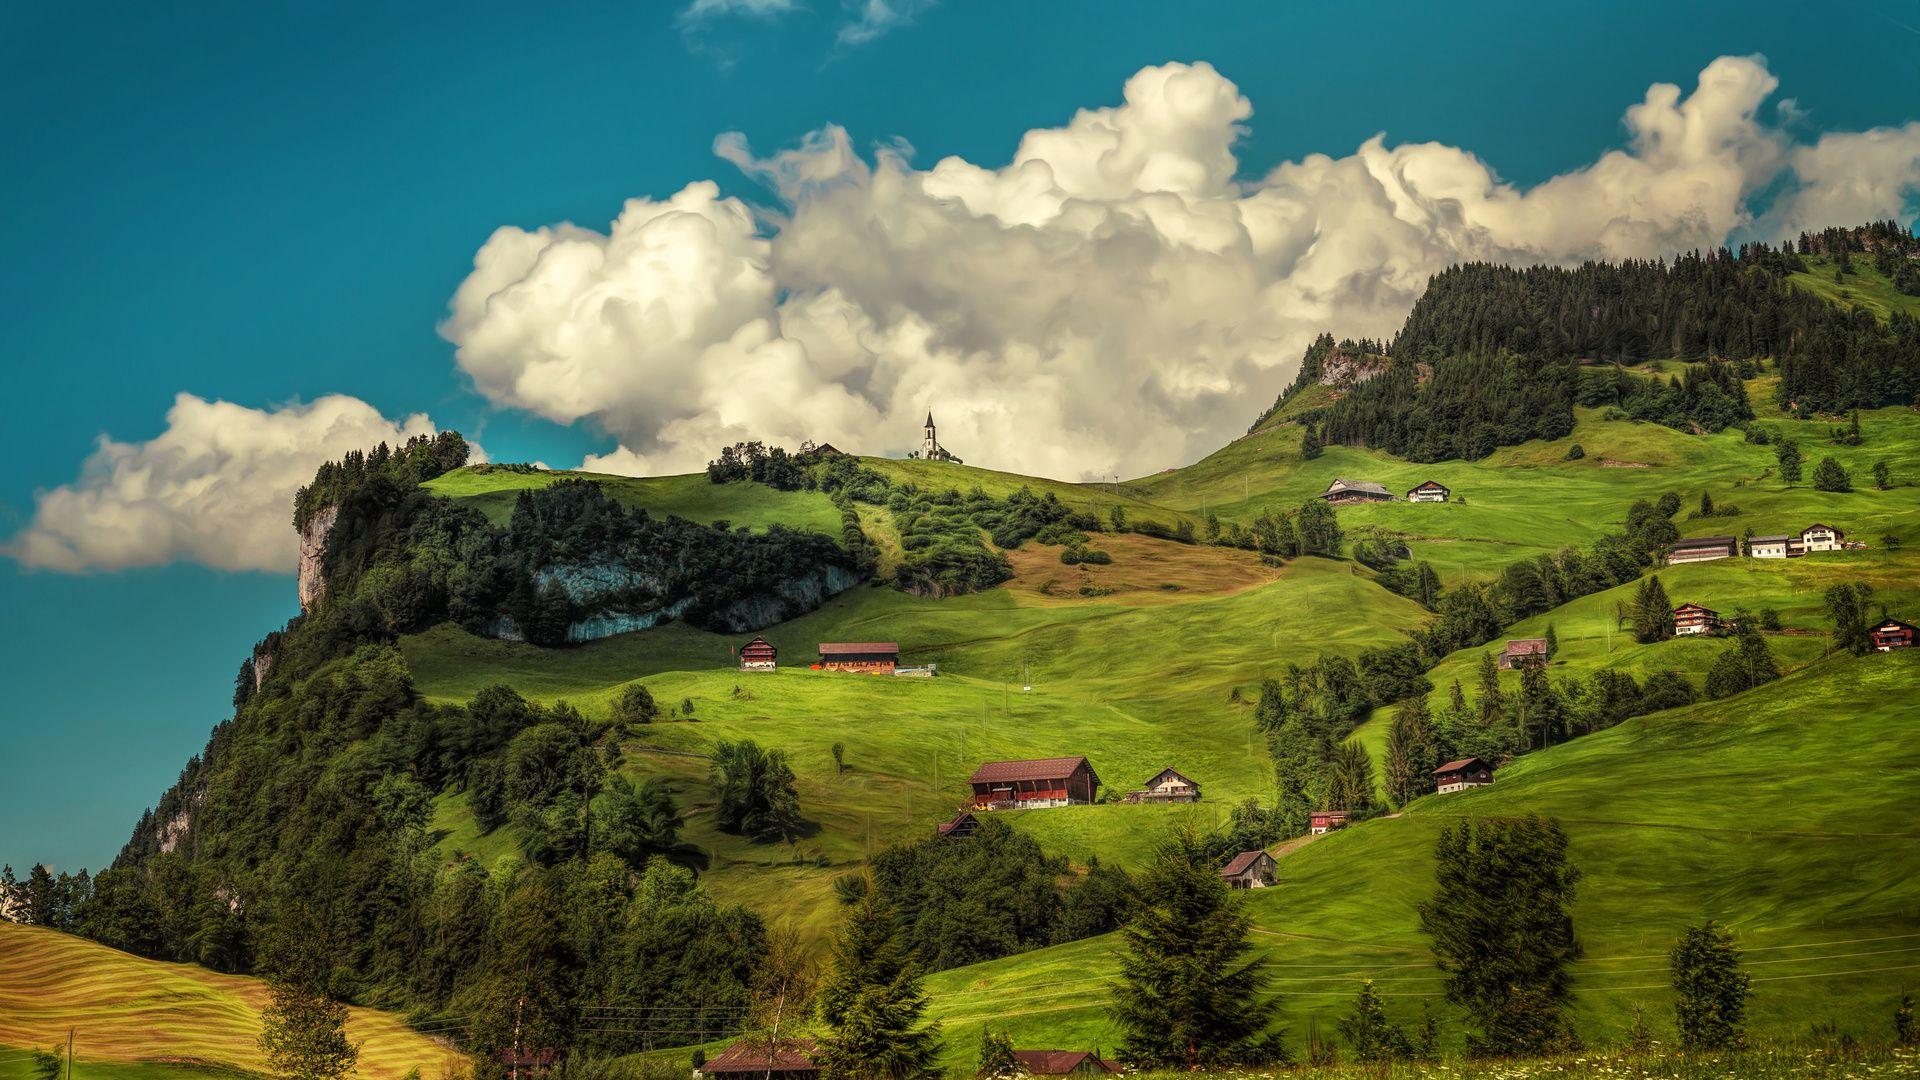 Nature Pictures Switzerland